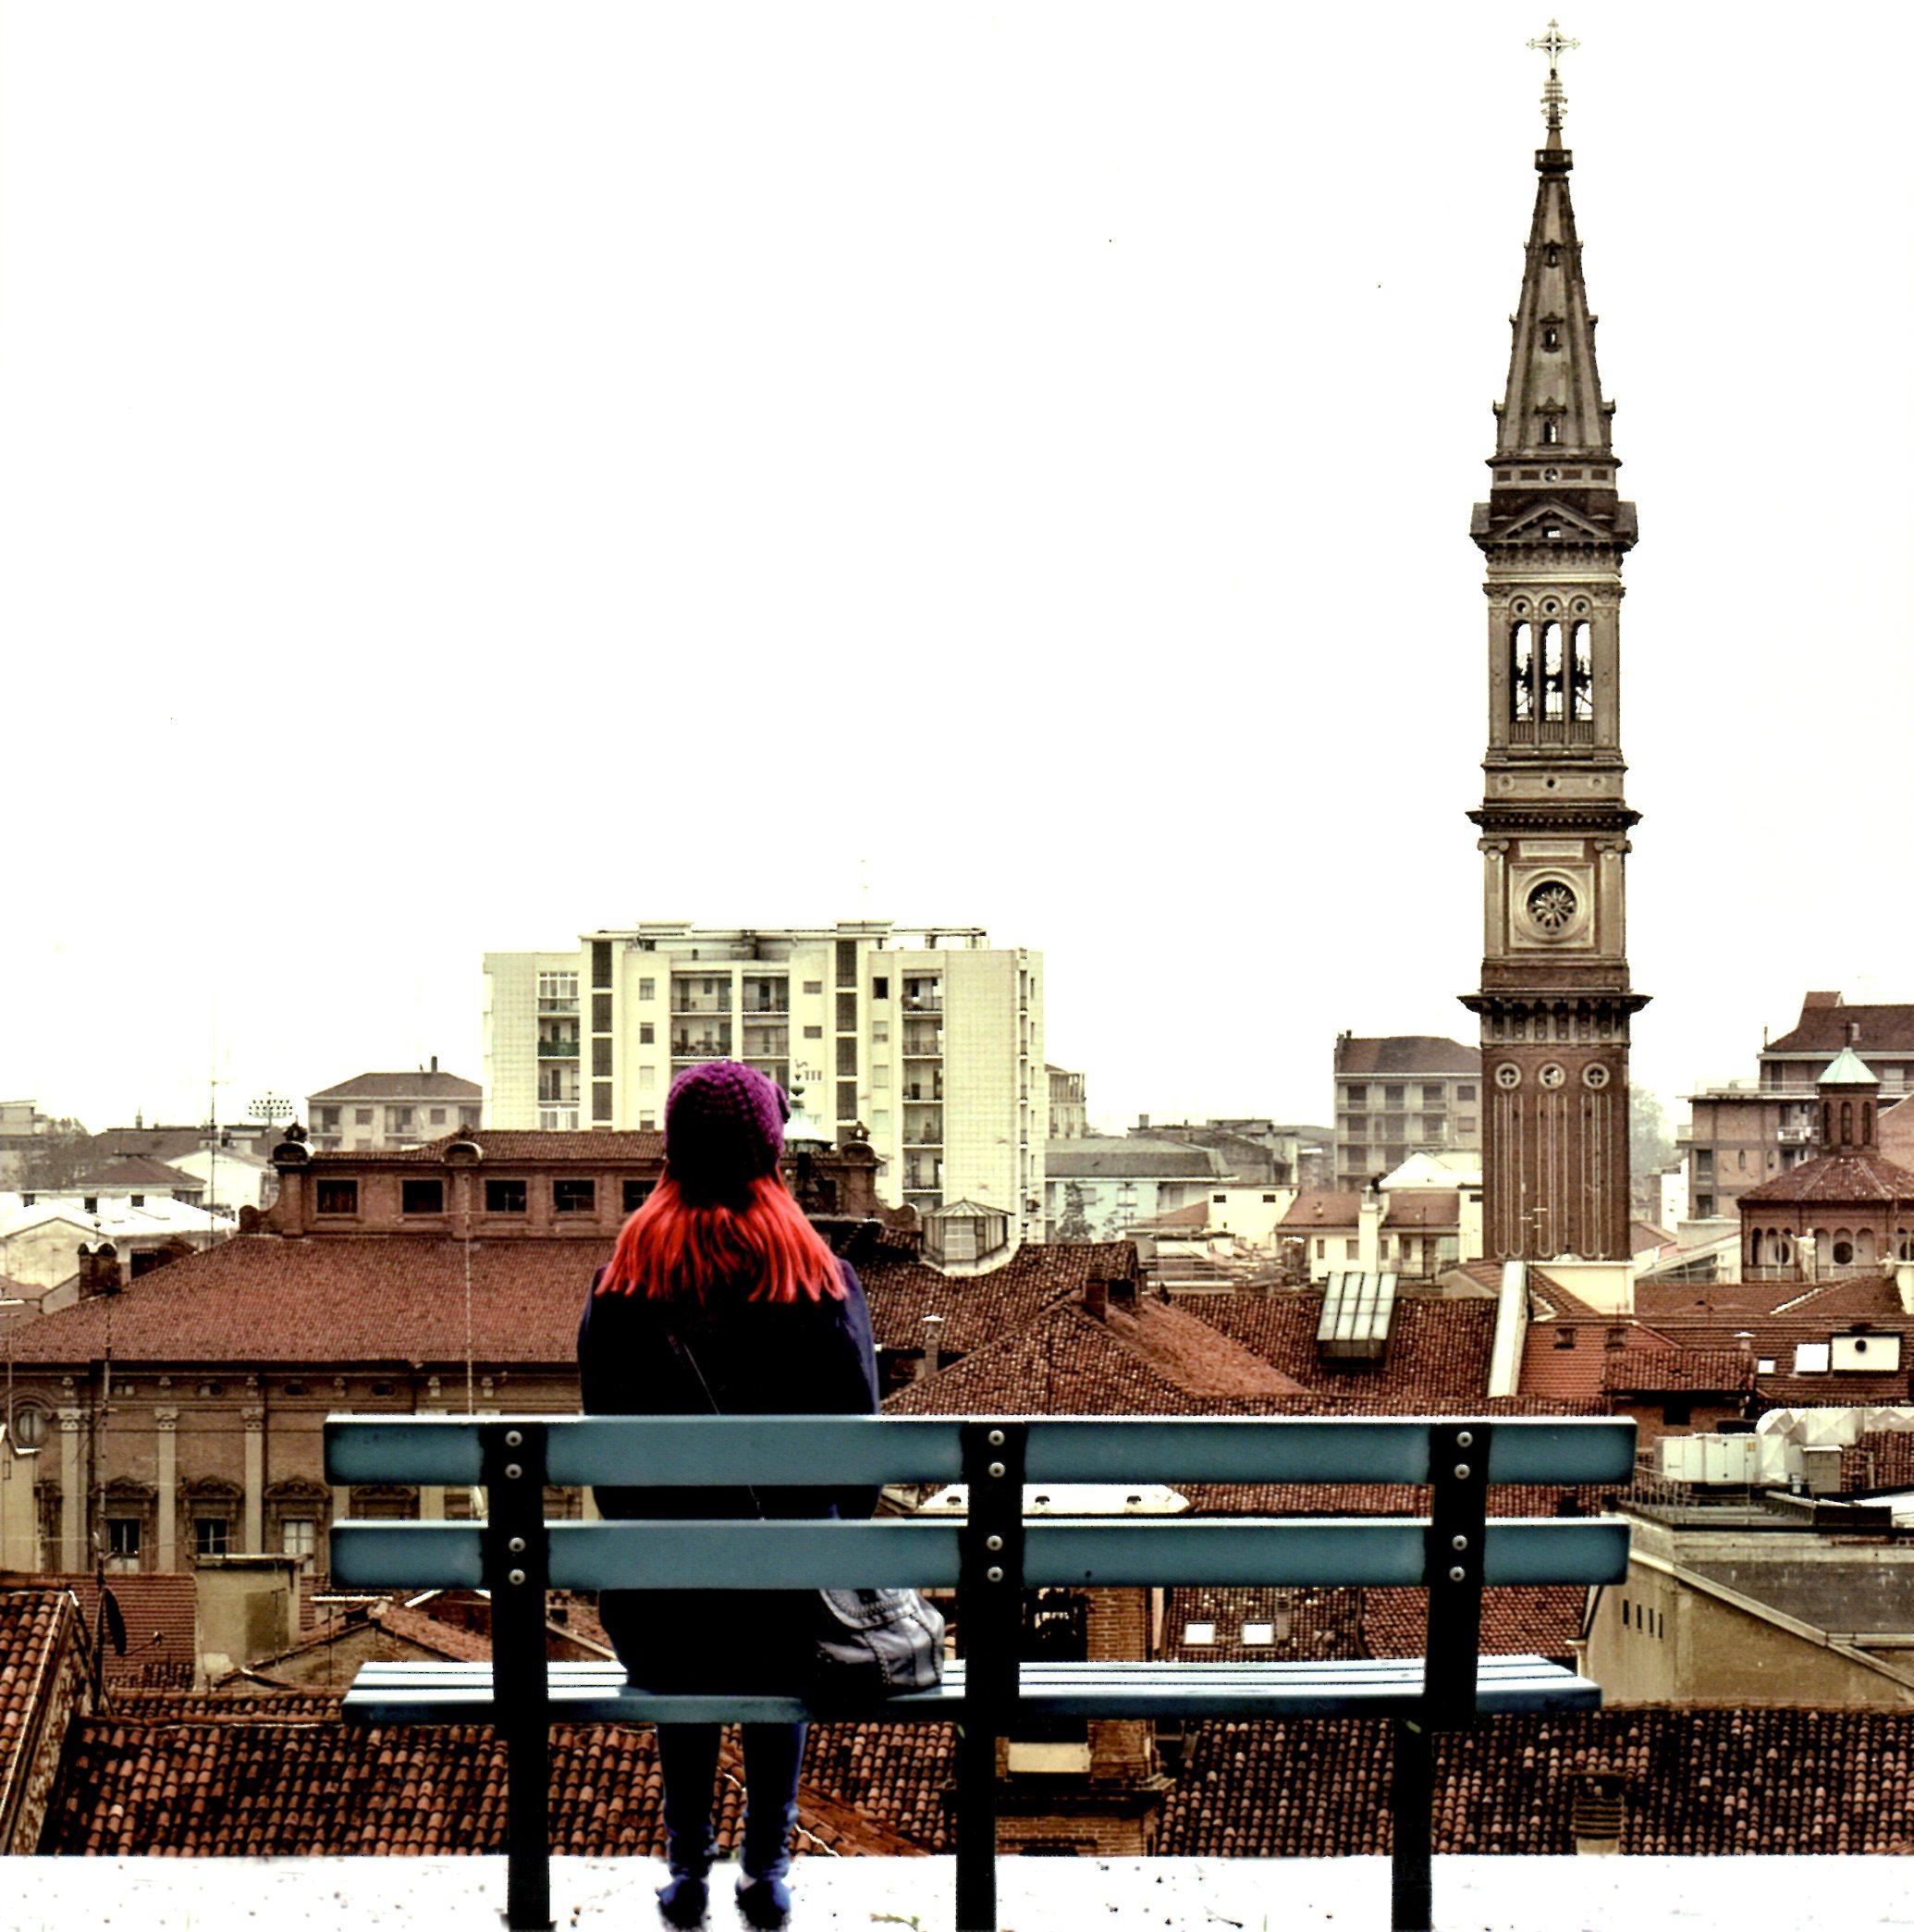 """foto di Enzo Bruno tratta da """"Nuova Alexandria"""" di Ugo Boccassi"""